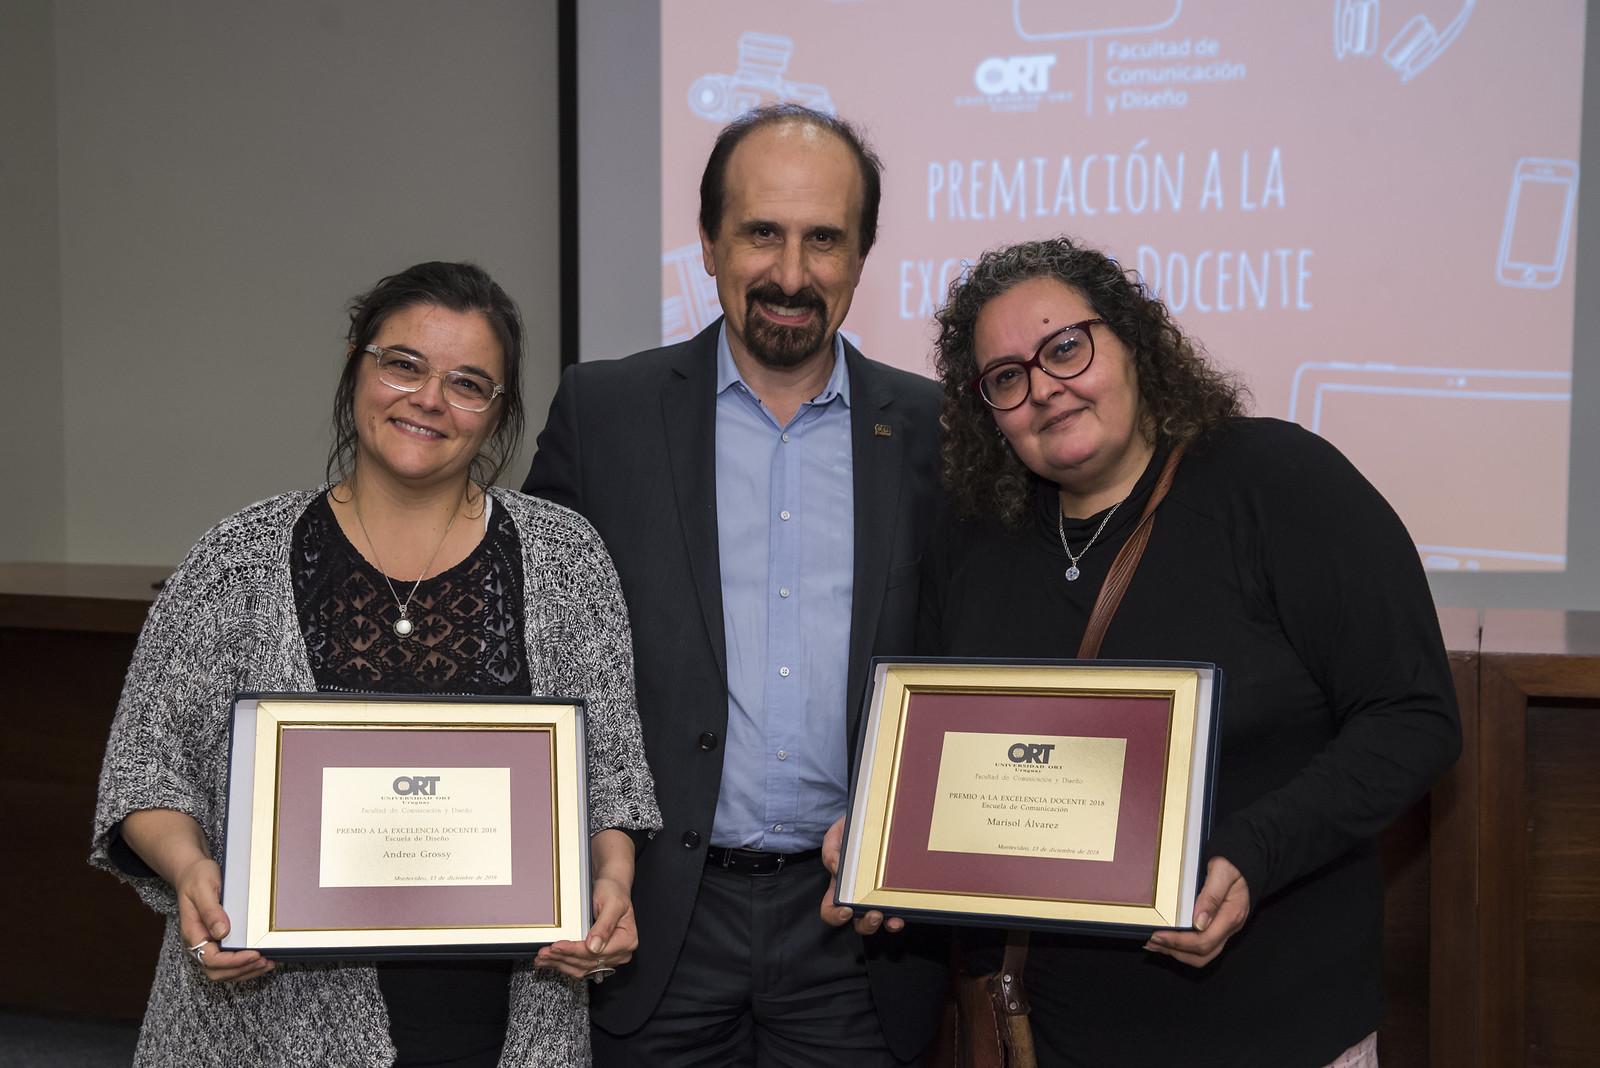 Premio a la Excelencia Docente - diciembre 2018